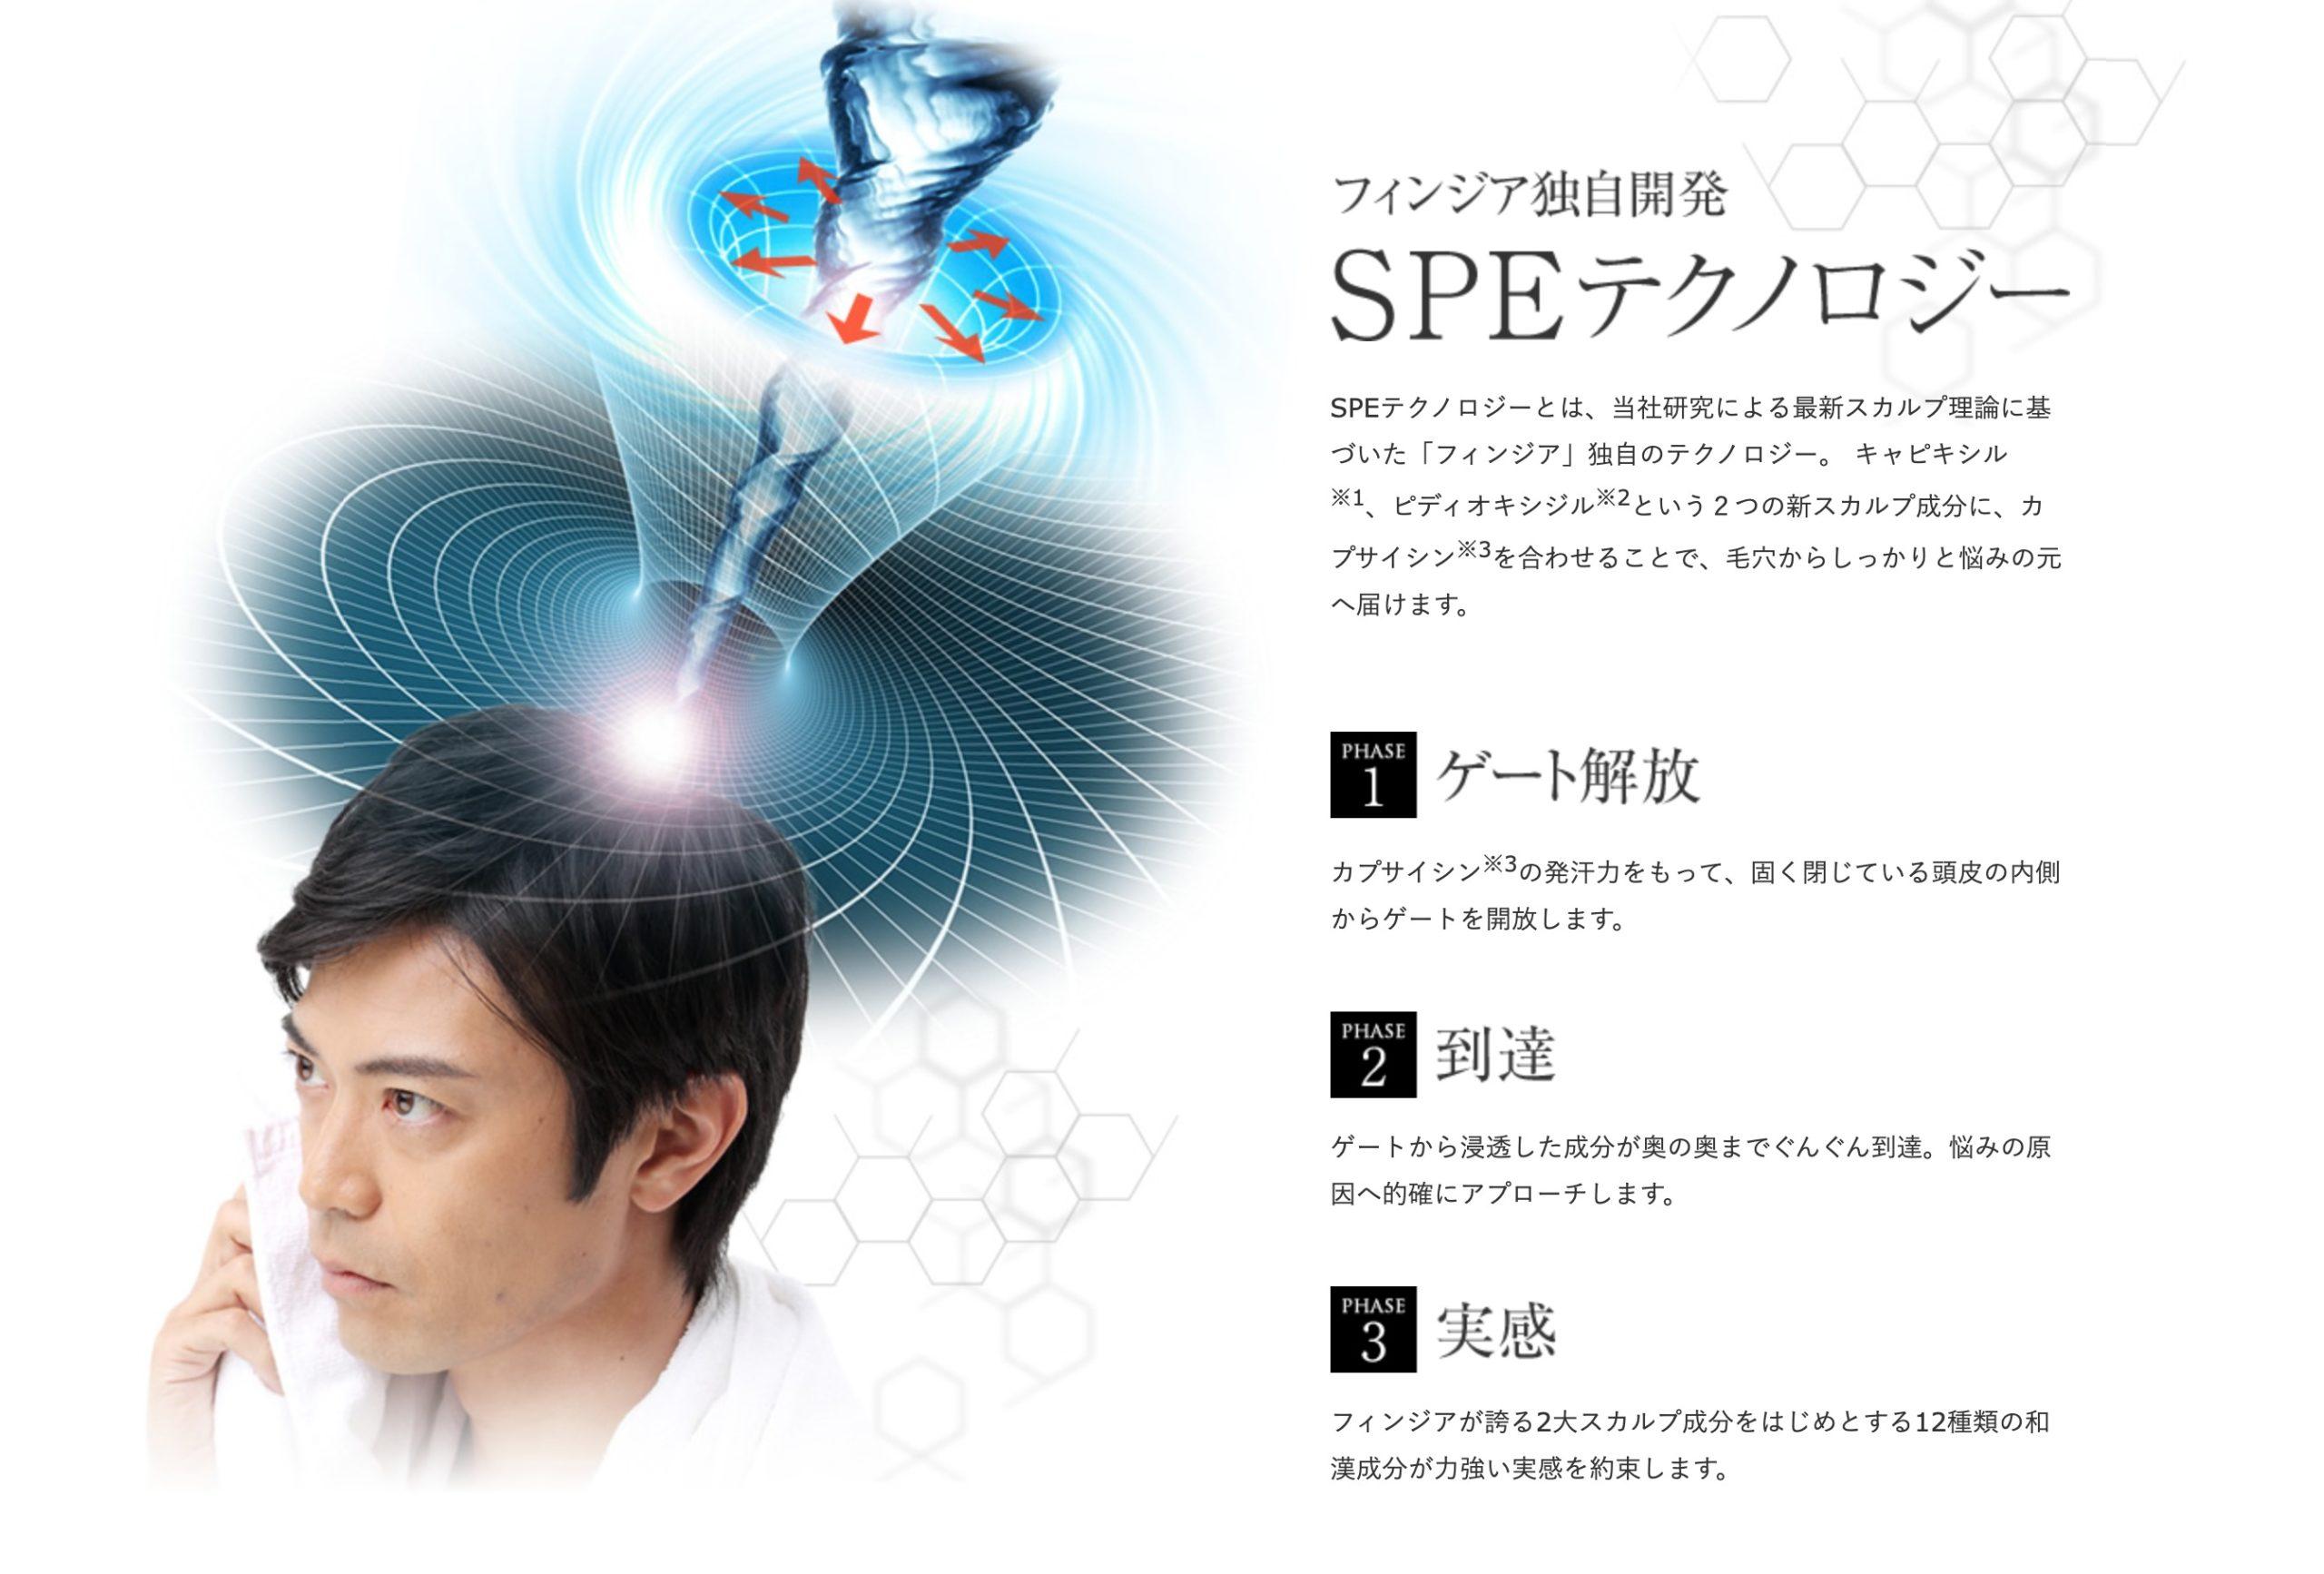 フィンジアのSPEテクノロジー3フェース